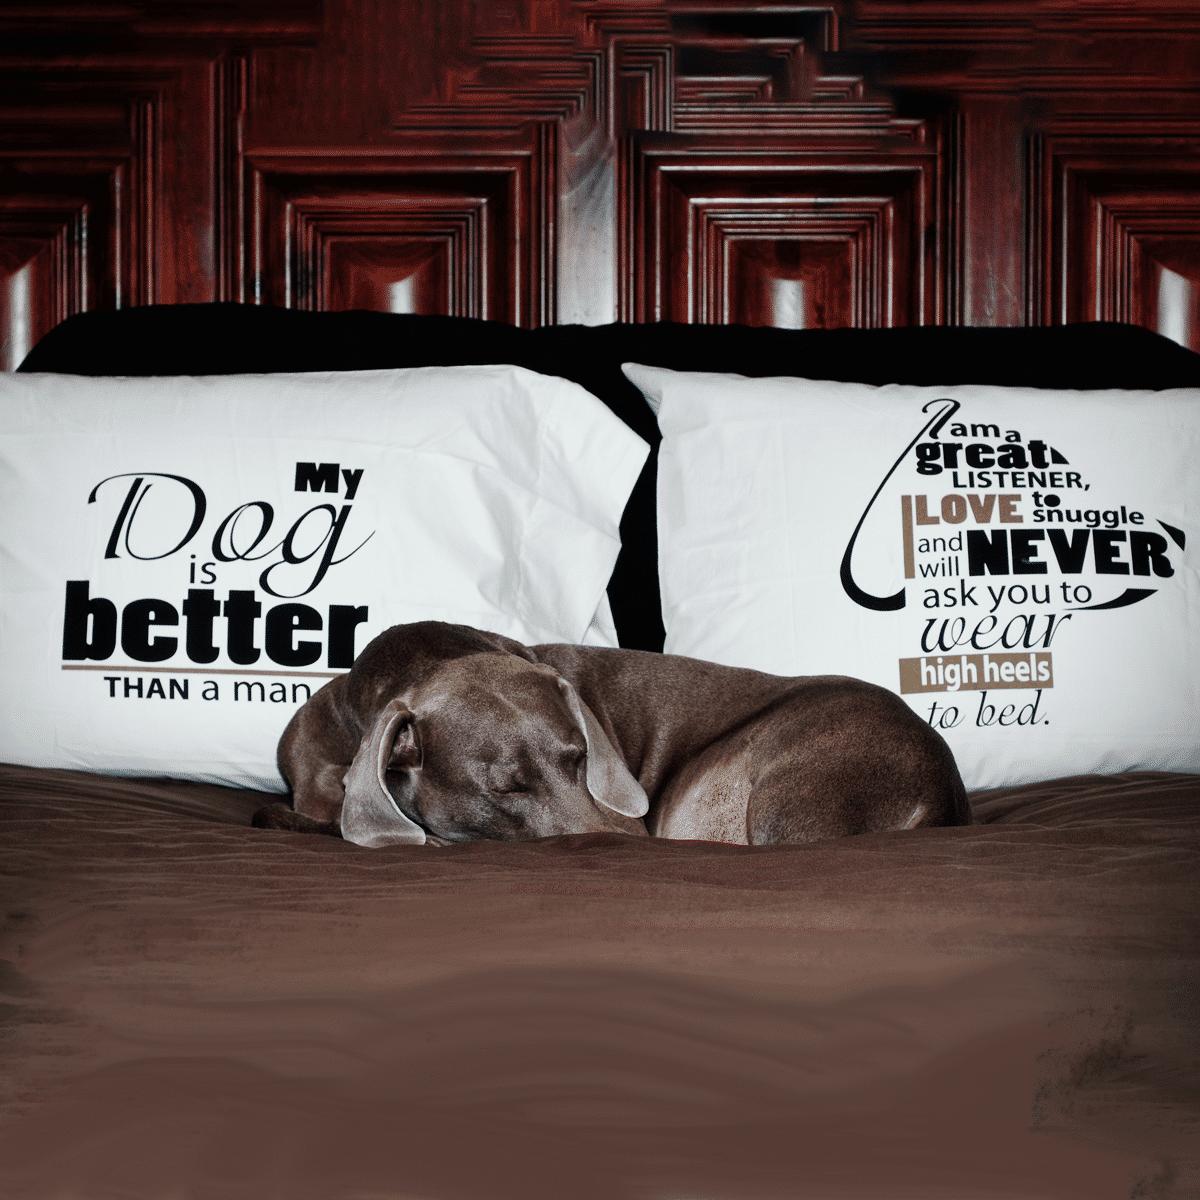 Hunden är bättre än en man - rolig text på stora örngott